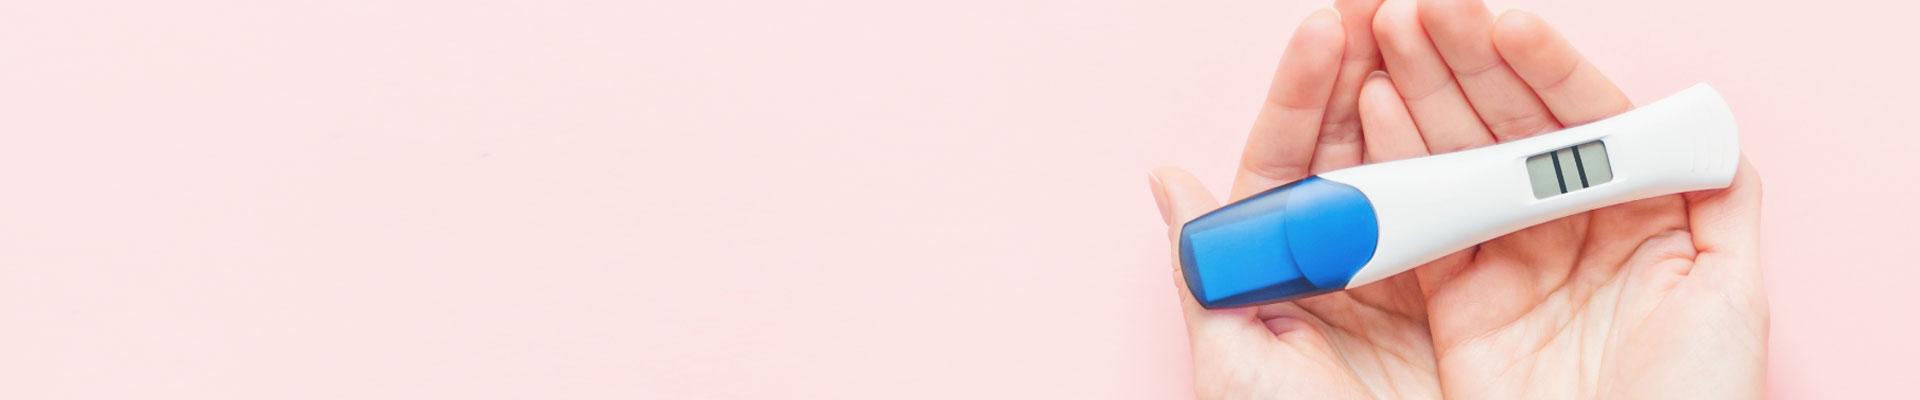 ovulation-menstrual